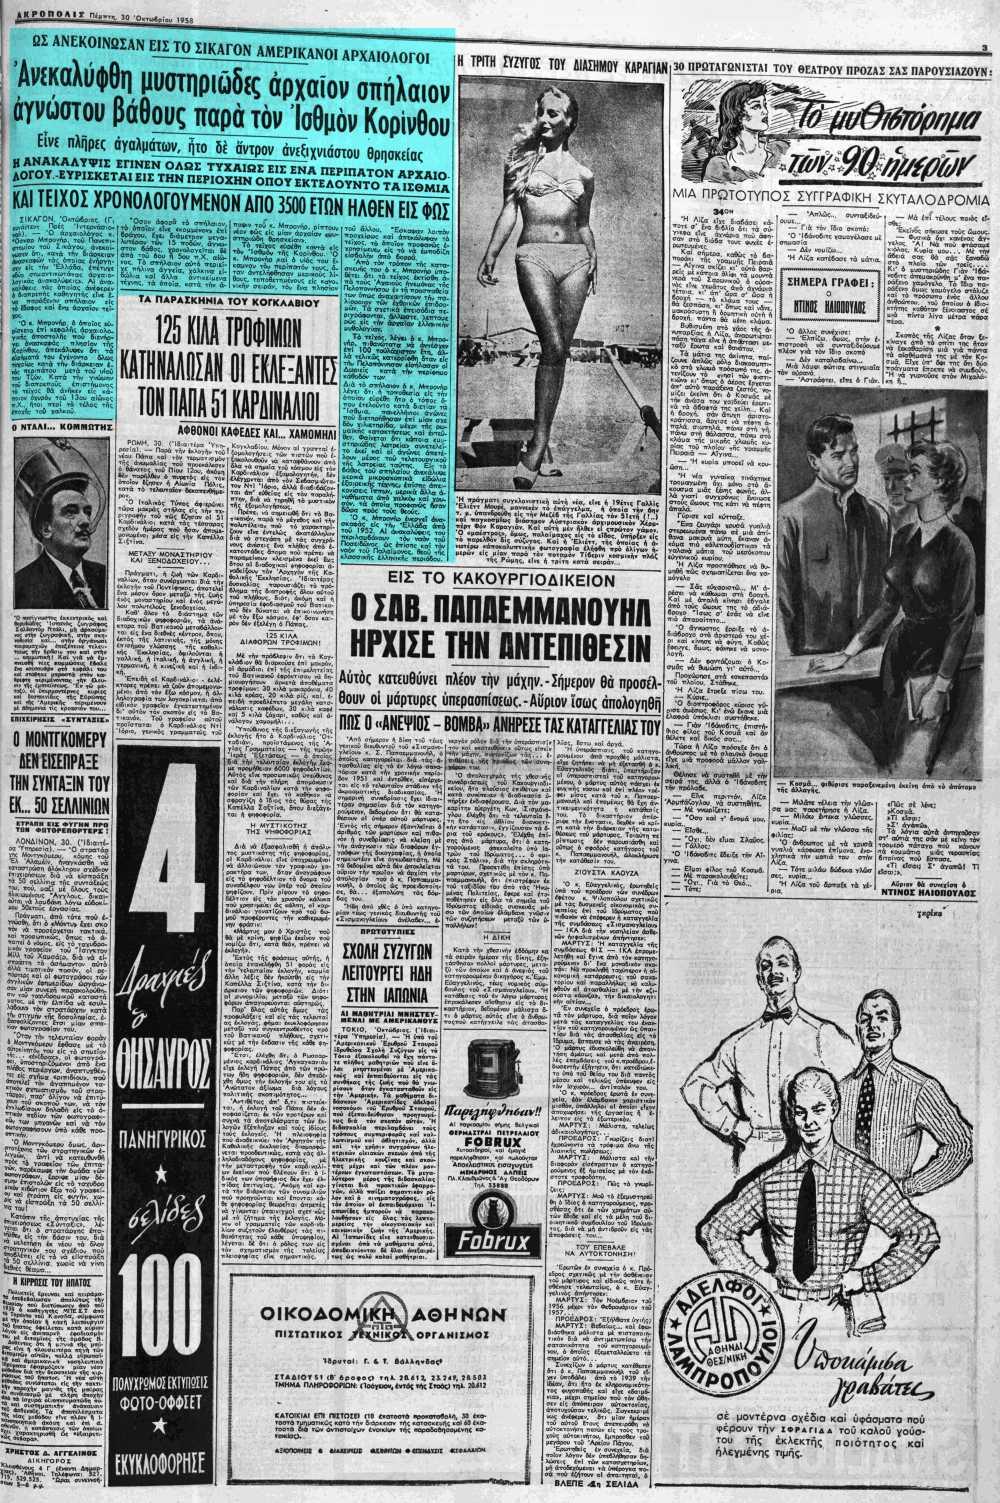 """Το άρθρο, όπως δημοσιεύθηκε στην εφημερίδα """"ΑΚΡΟΠΟΛΙΣ"""", στις 30/10/1958"""